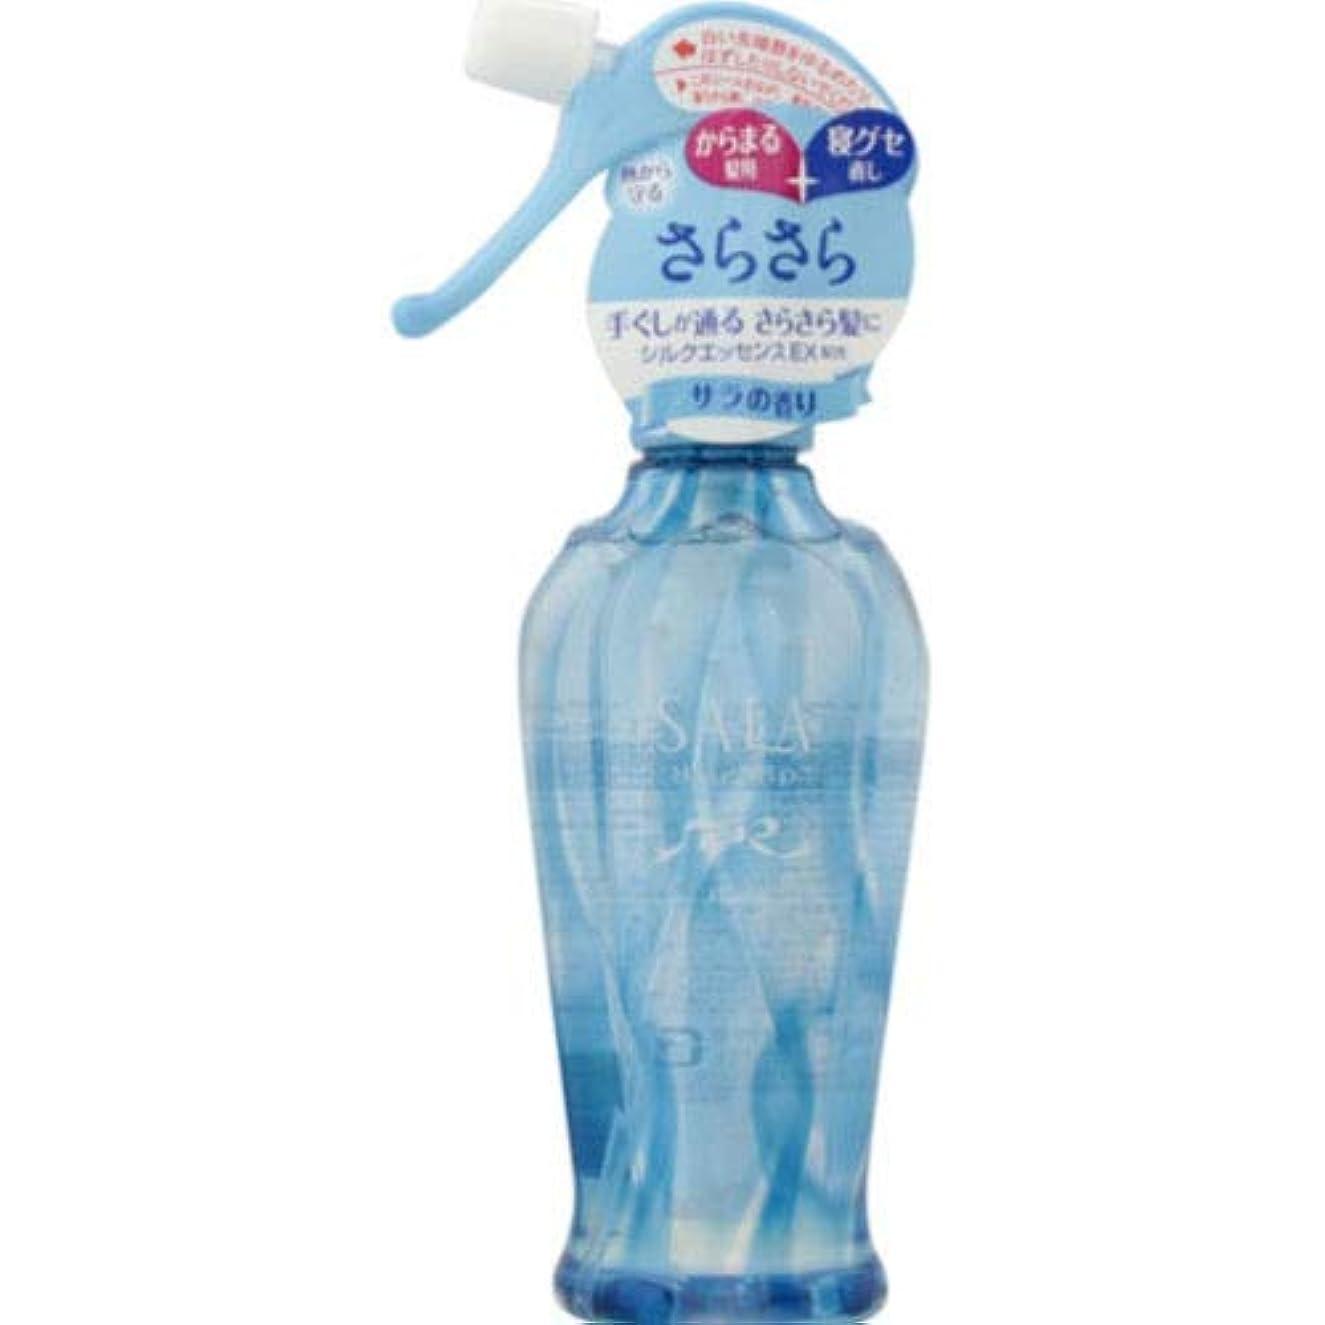 損なう湿気の多い接辞サラ さらさらサラ水 サラの香り